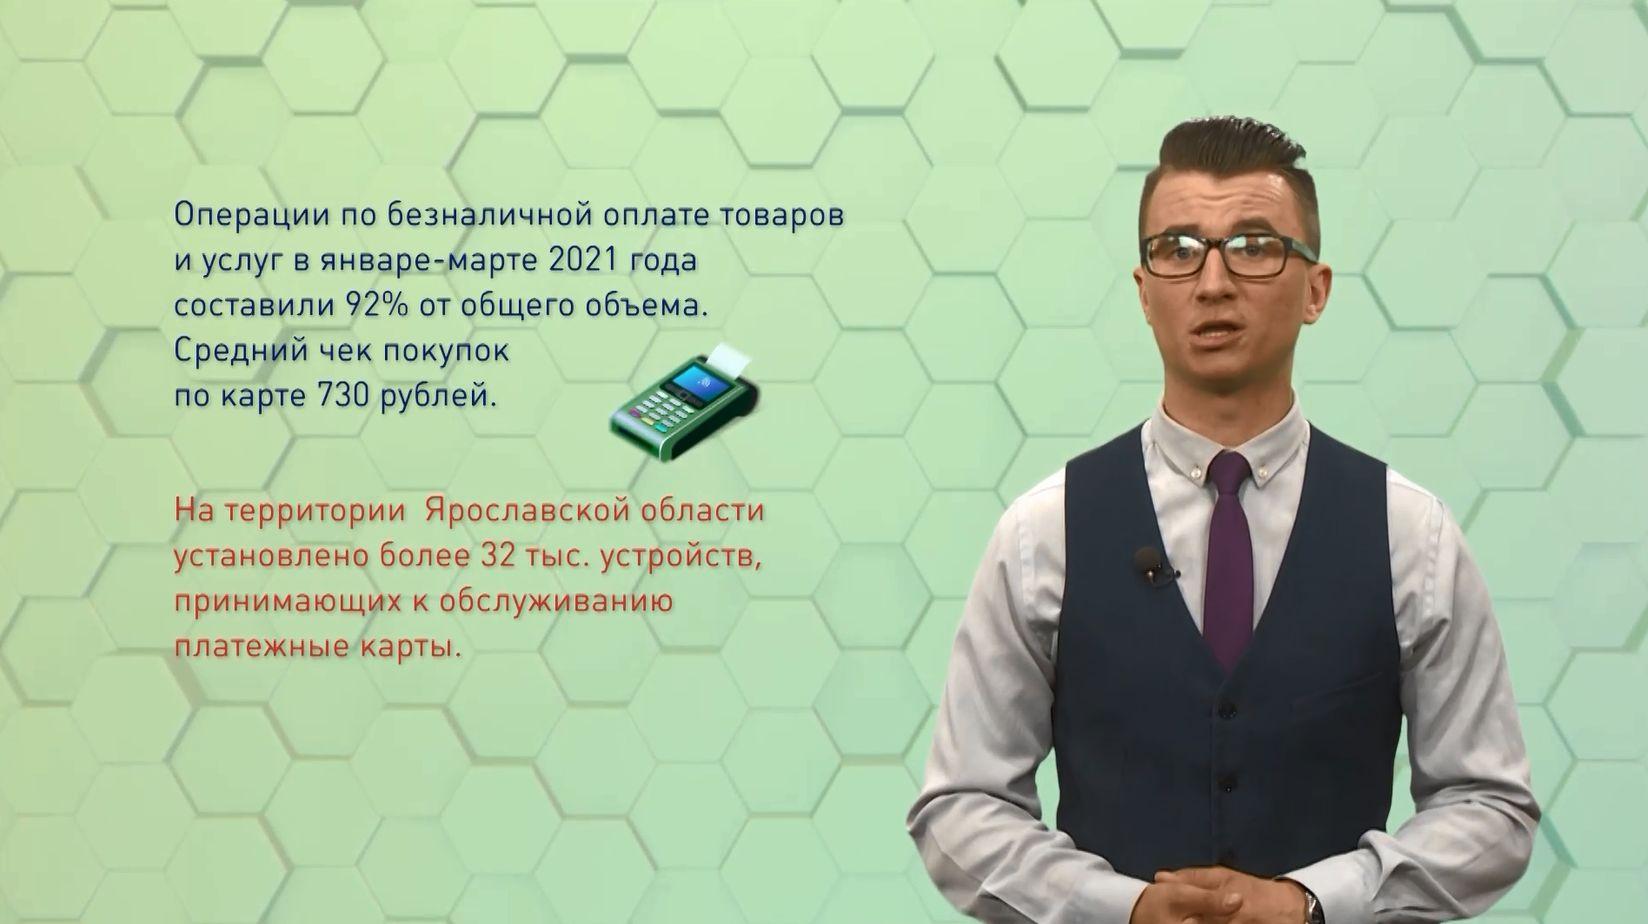 Рубрика «Безопасные финансы» в передаче «Овсянка». Россияне стали меньше снимать наличных